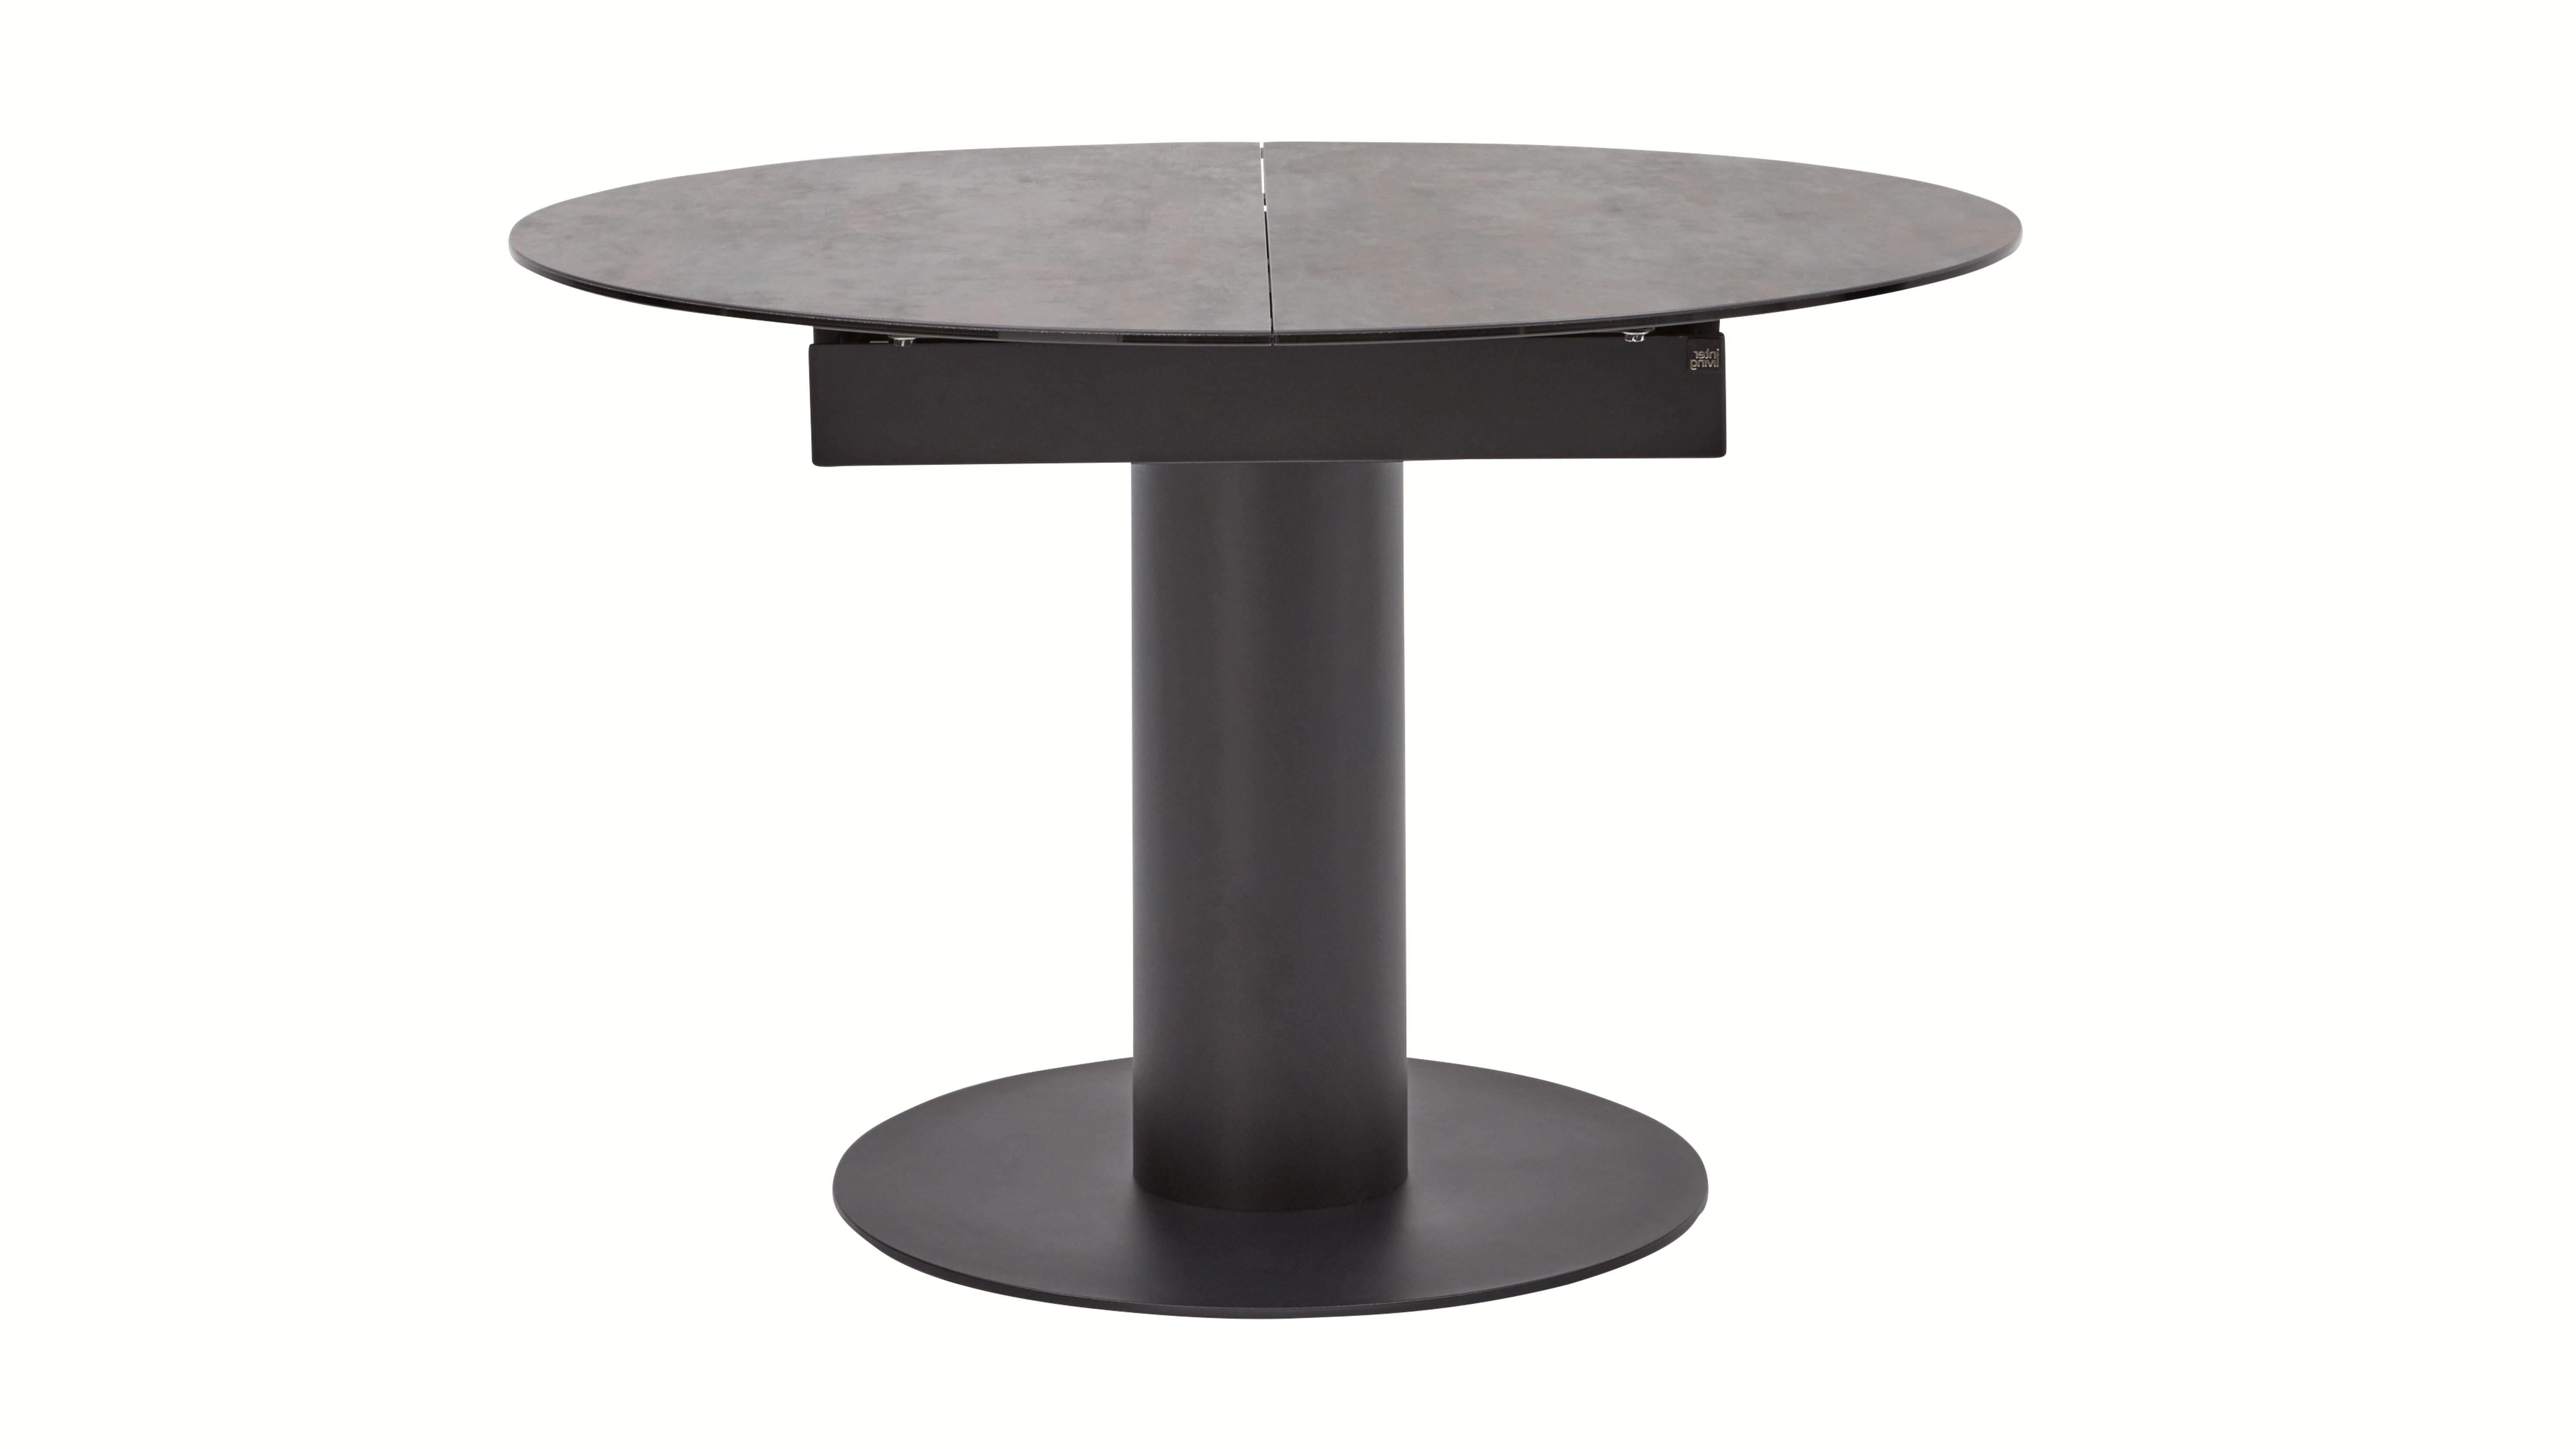 Interliving 5104 Tisch - Keramik, rund